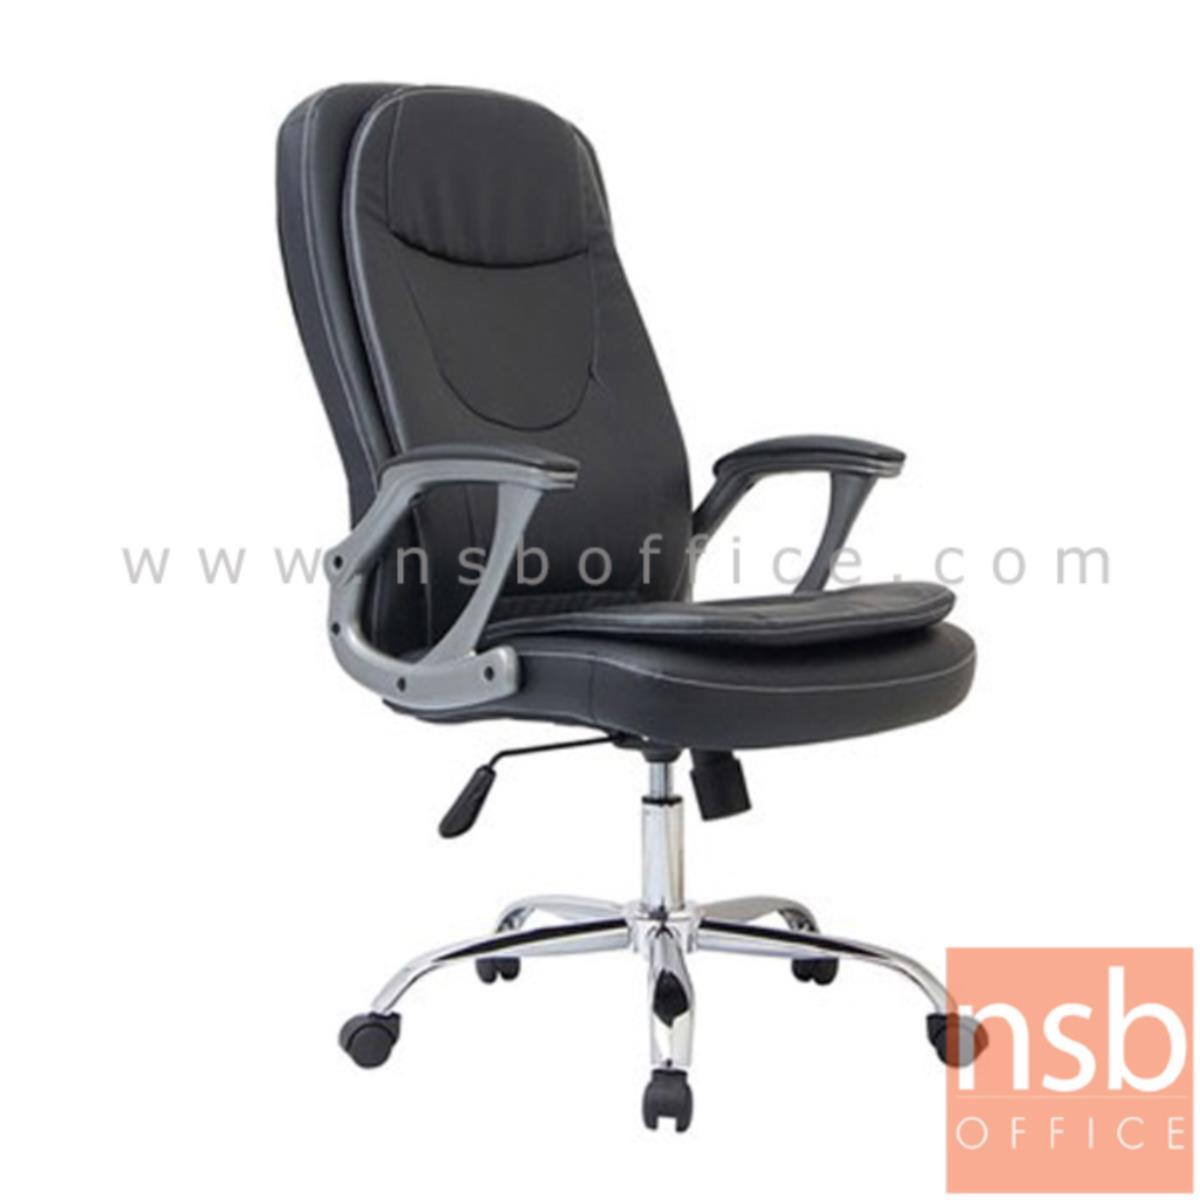 B01A472:เก้าอี้ผู้บริหาร รุ่น Damion (เดเมียน)  โช๊คแก๊ส มีก้อนโยก ขาเหล็กชุบโครเมี่ยม